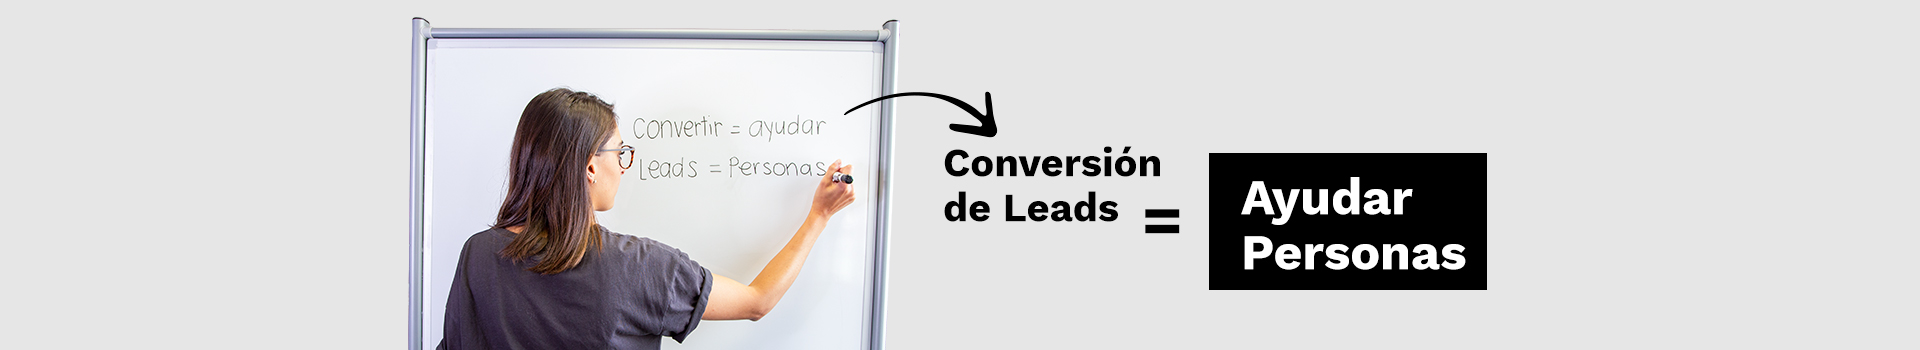 conversion-de-leads-banner